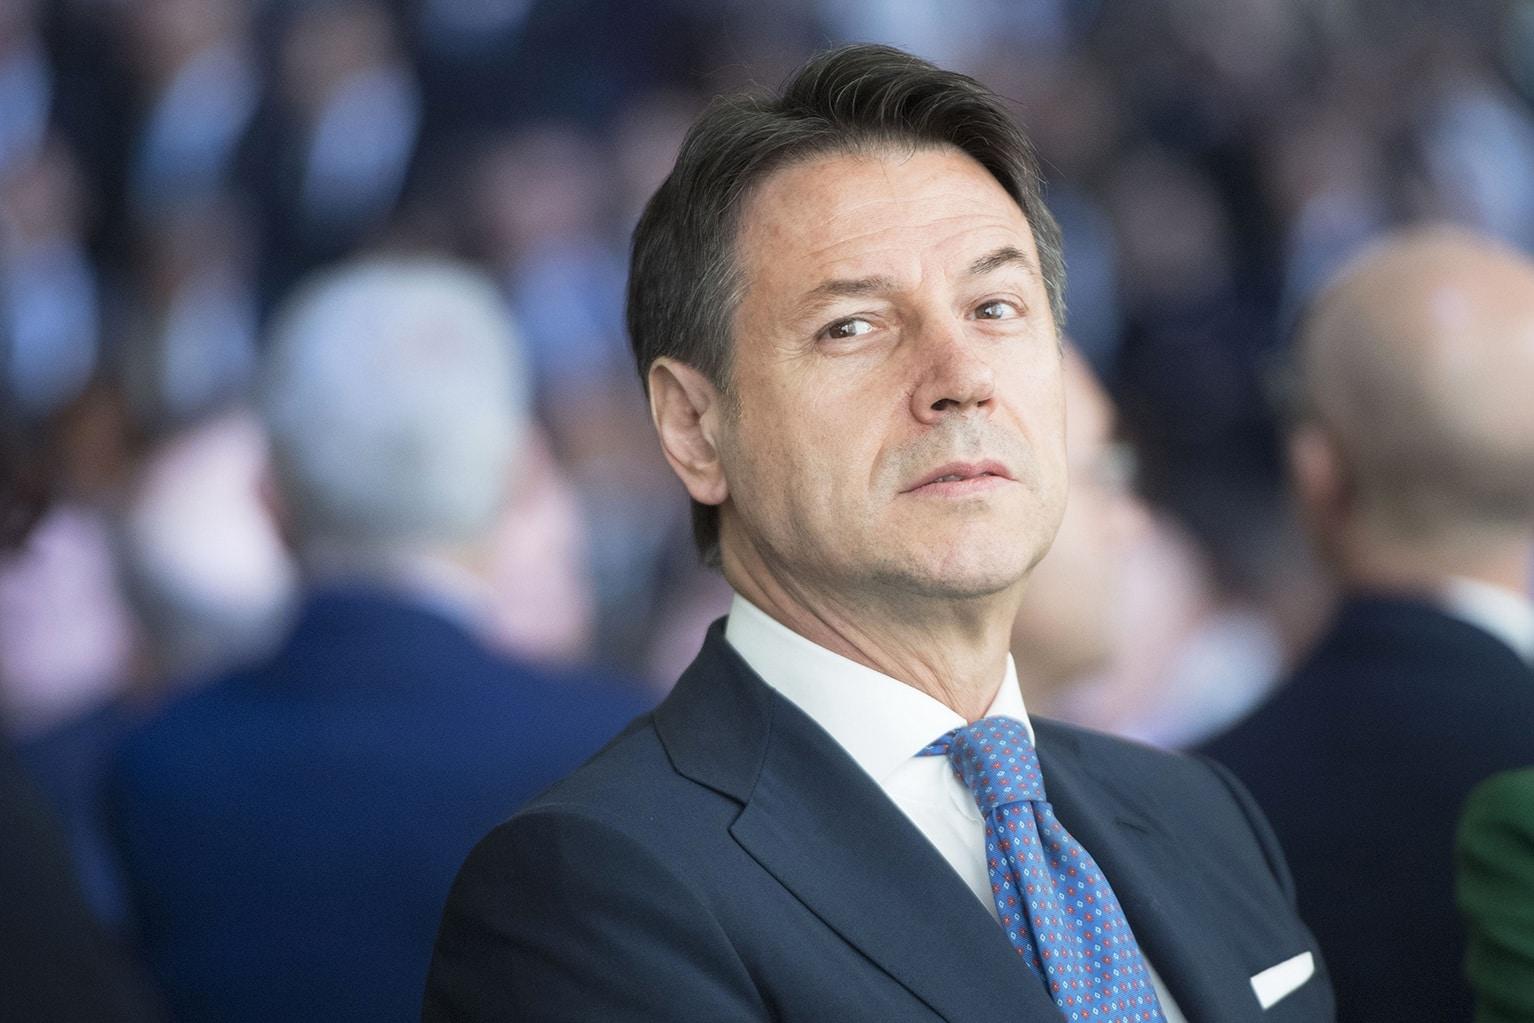 Conte e il complesso dell'usurpatore<br>L'ombra di Renzi fa tremare l'avvocato